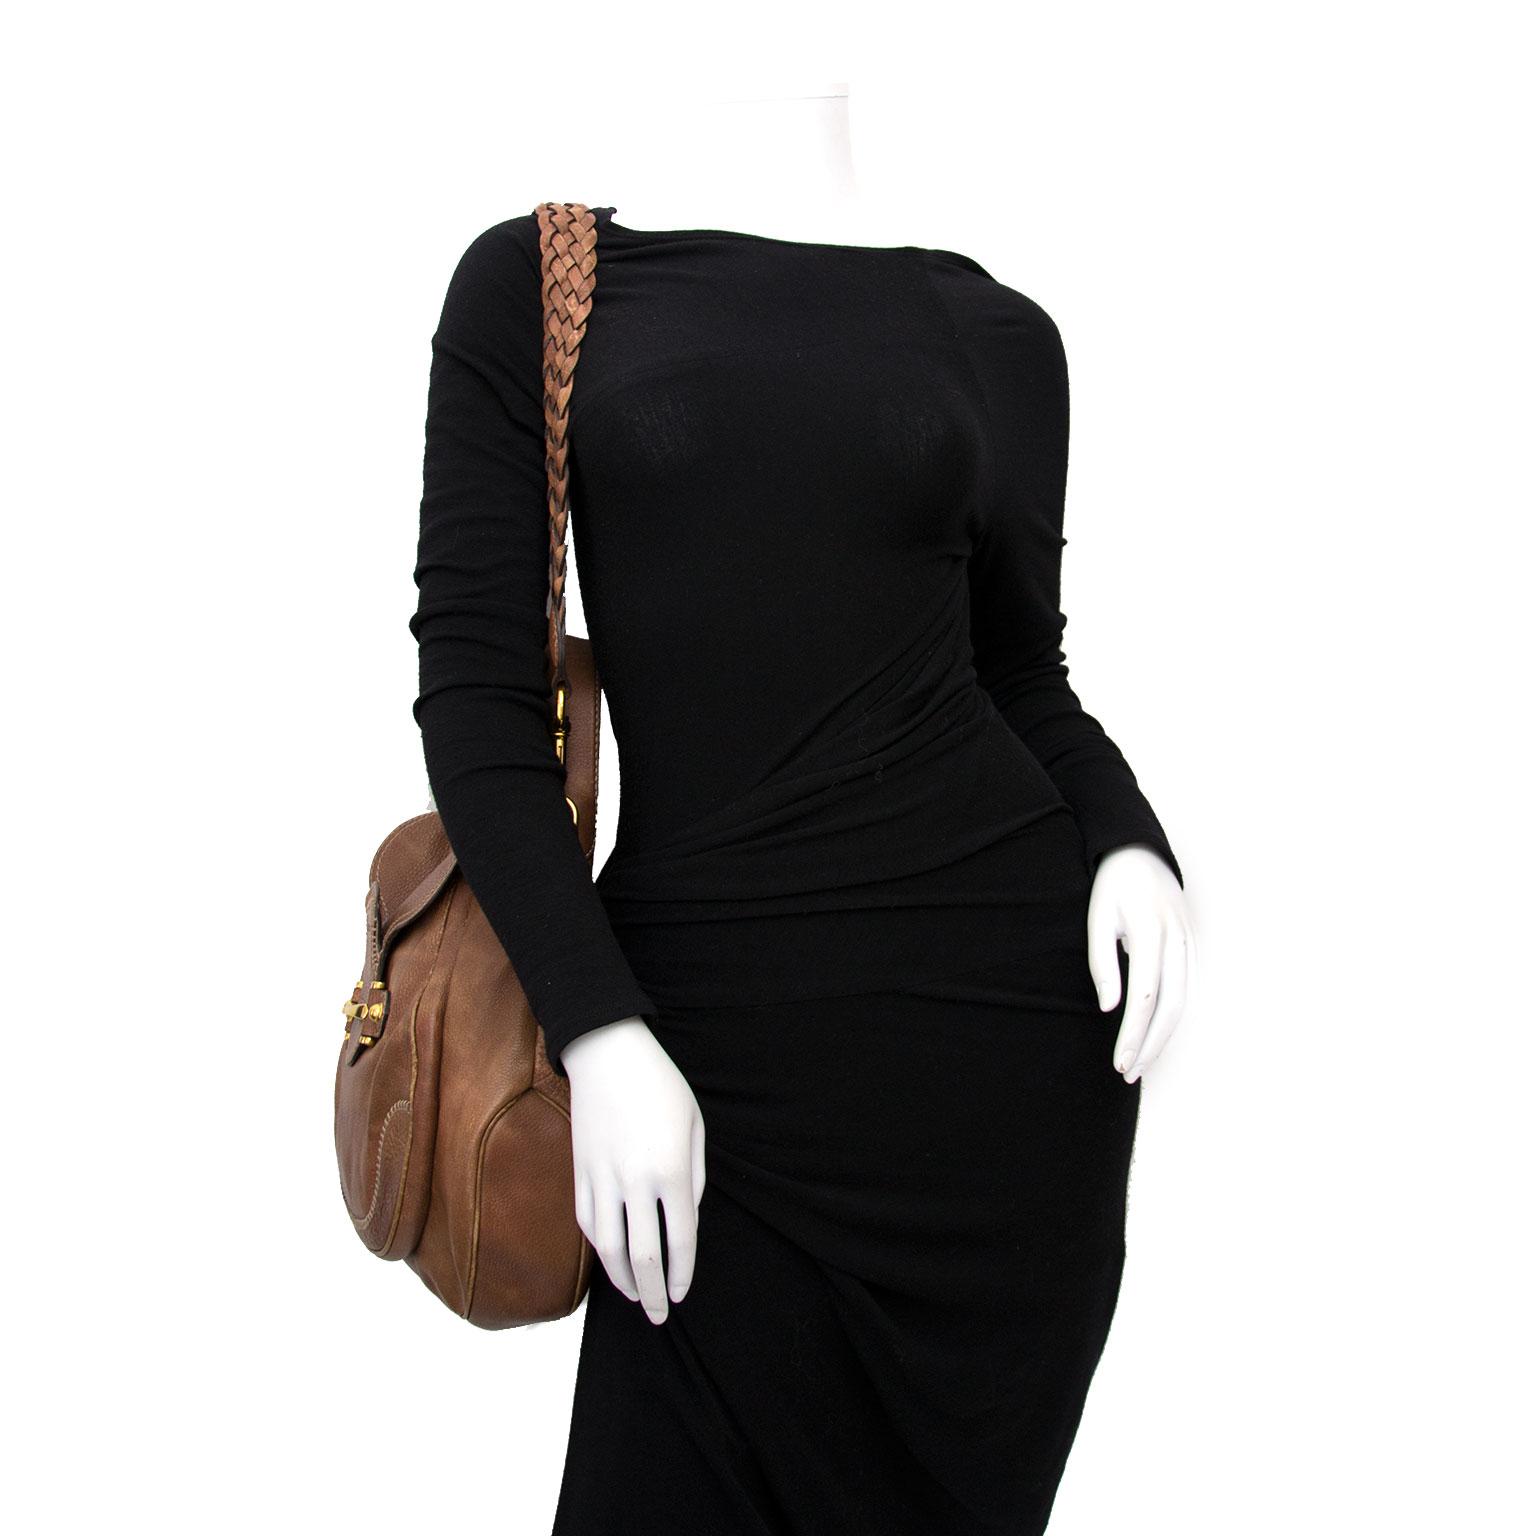 acheter en ligne pour le meilleur prix sac a main Gucci Brown Horsebit Bag + Strap